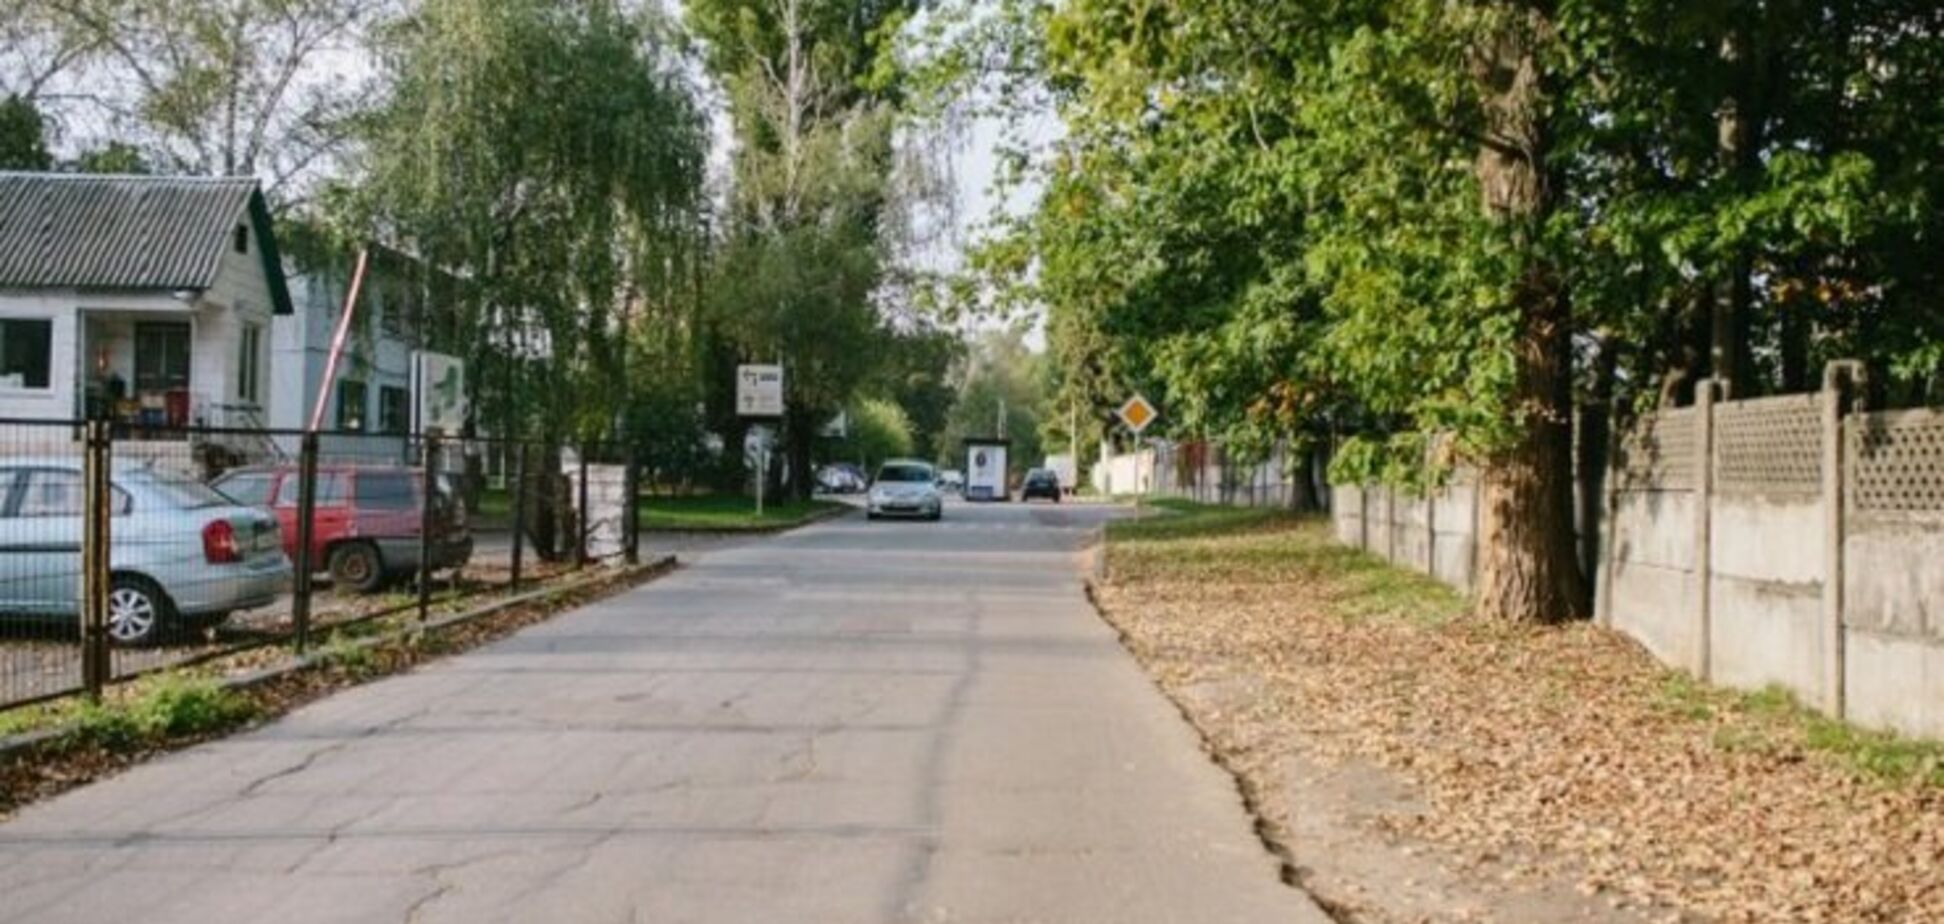 Скандал навколо земель ВДНГ у Києві: сталивідомі нові деталі